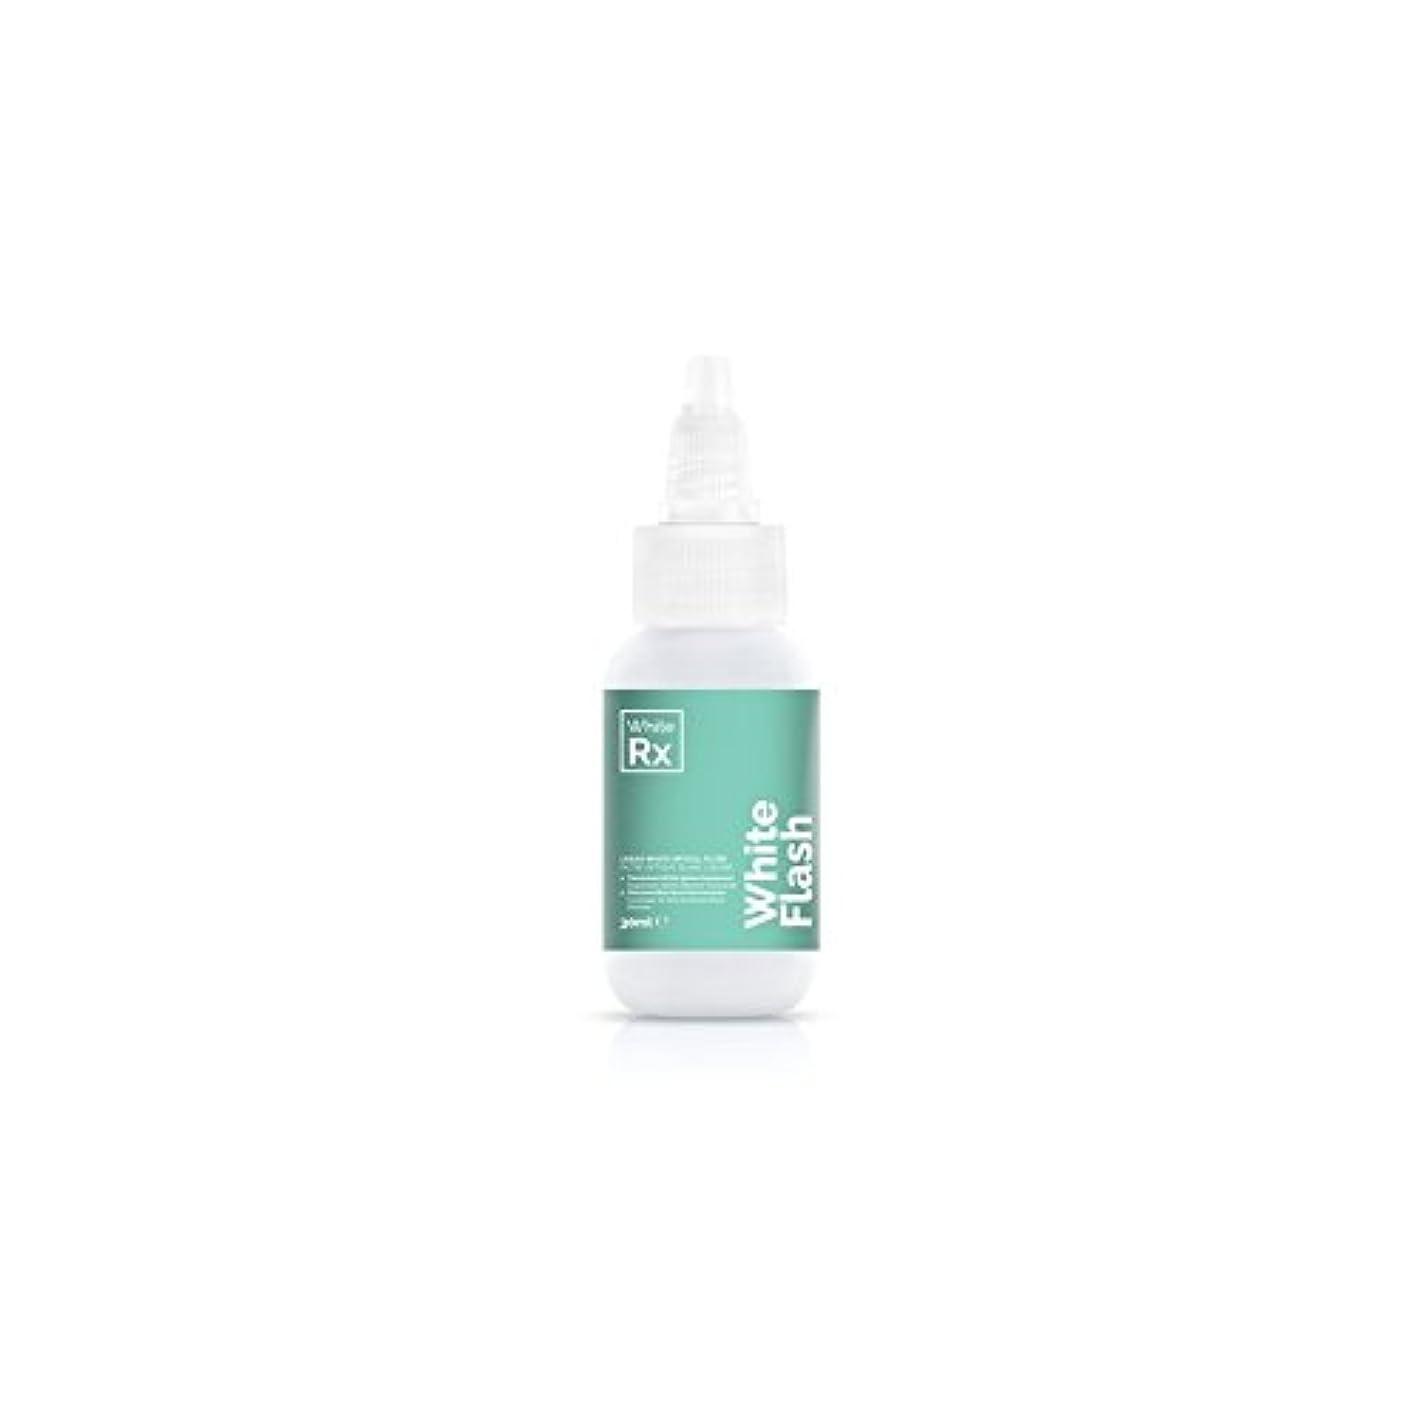 ラリーベルモント花束資産白いフラッシュスキントリートメント(30ミリリットル) x4 - Whiterx White Flash Skin Treatment (30ml) (Pack of 4) [並行輸入品]